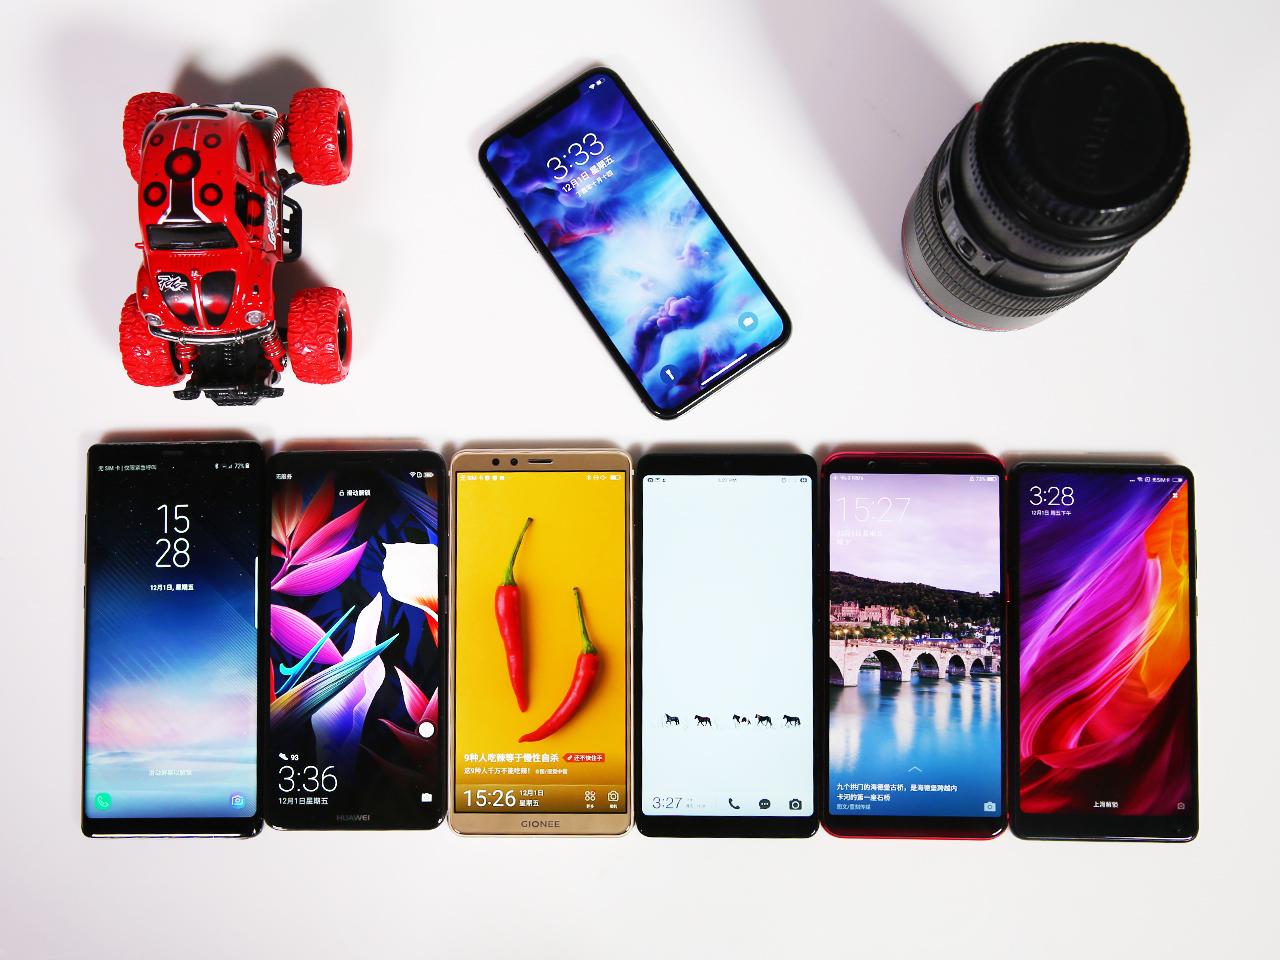 七款旗舰手机对比谁拍照最好